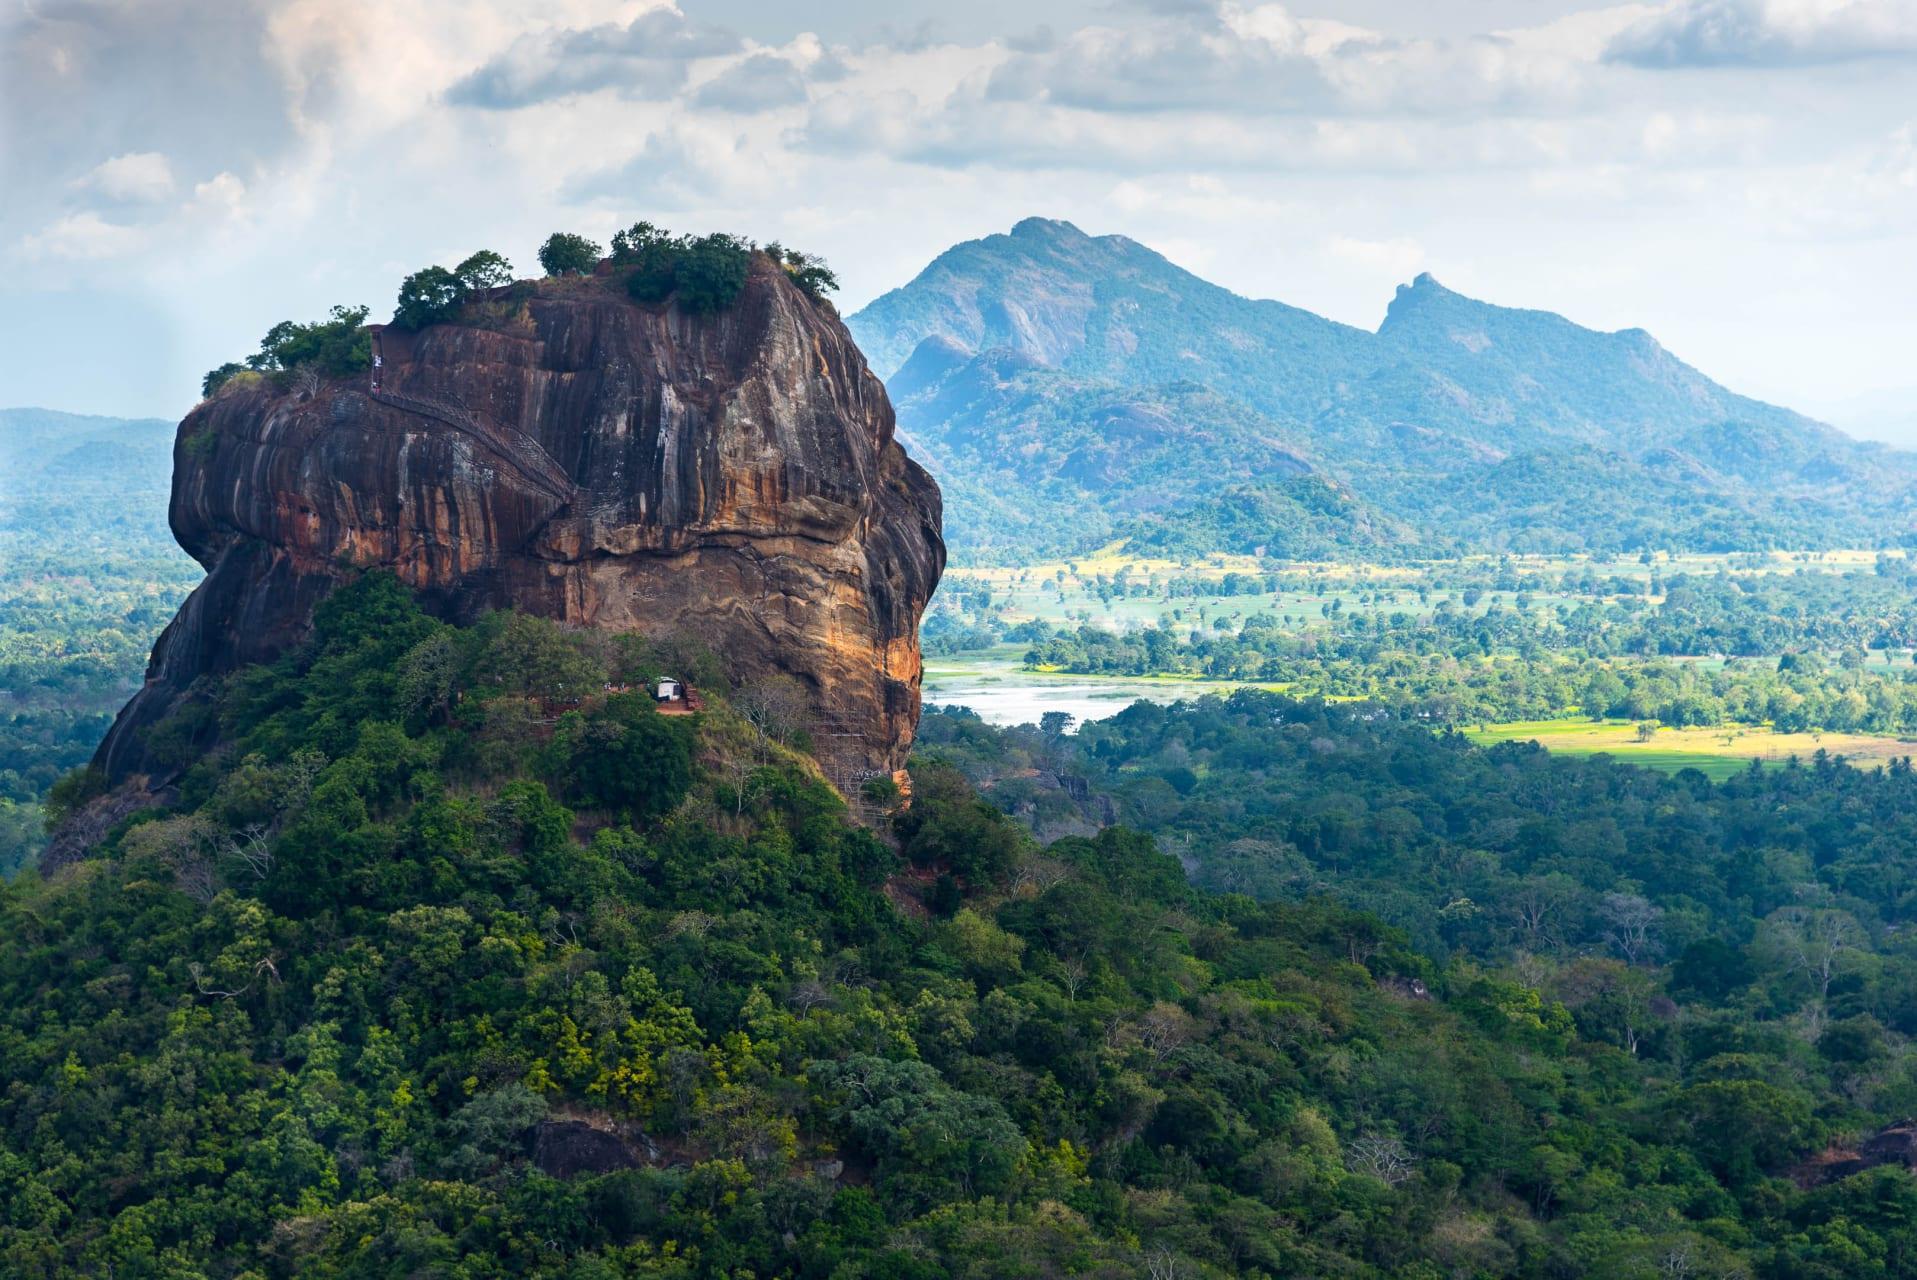 Sigiriya cover image